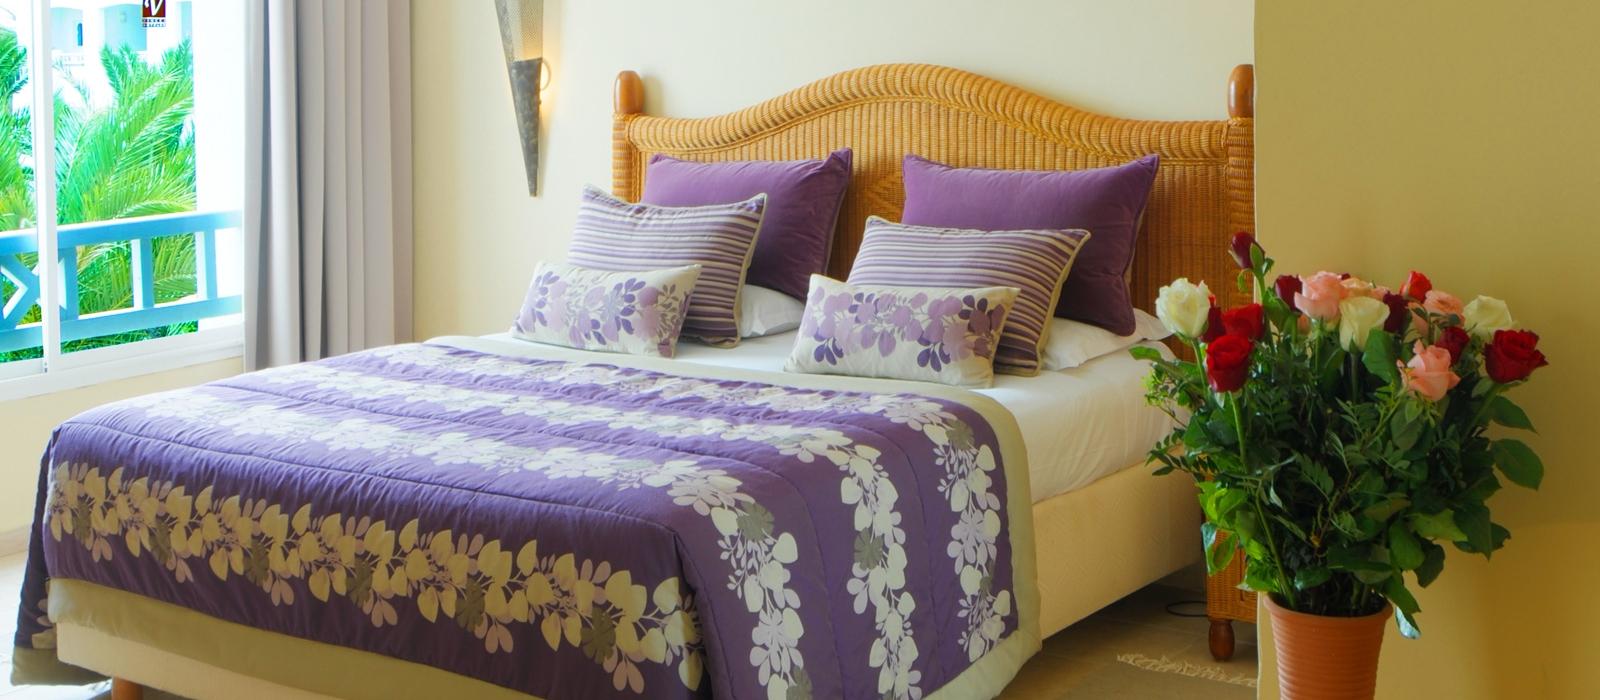 Habitación Single. Hotel Djerba Resort - Vincci Hoteles